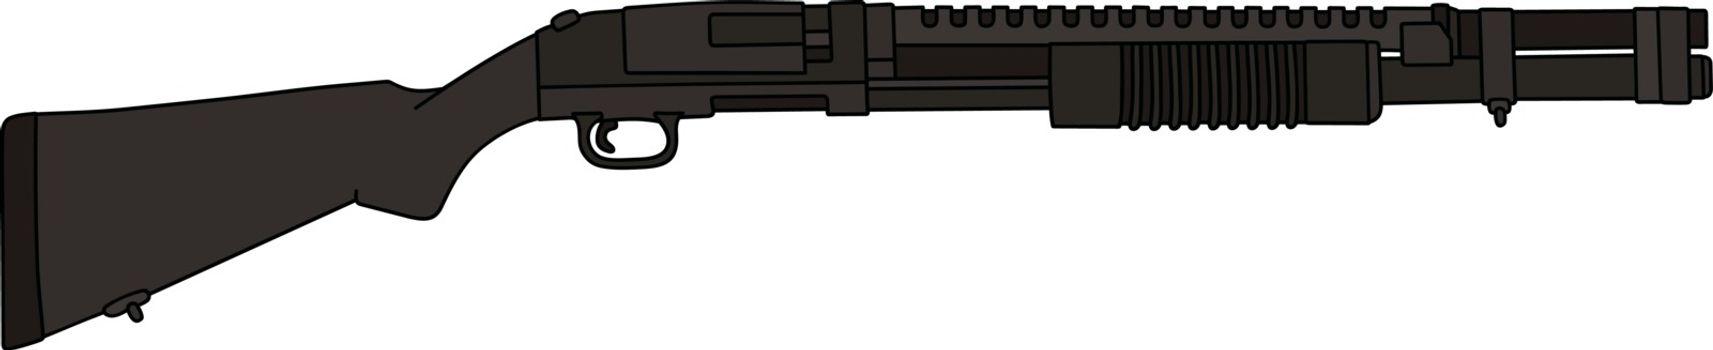 The pump shotgun